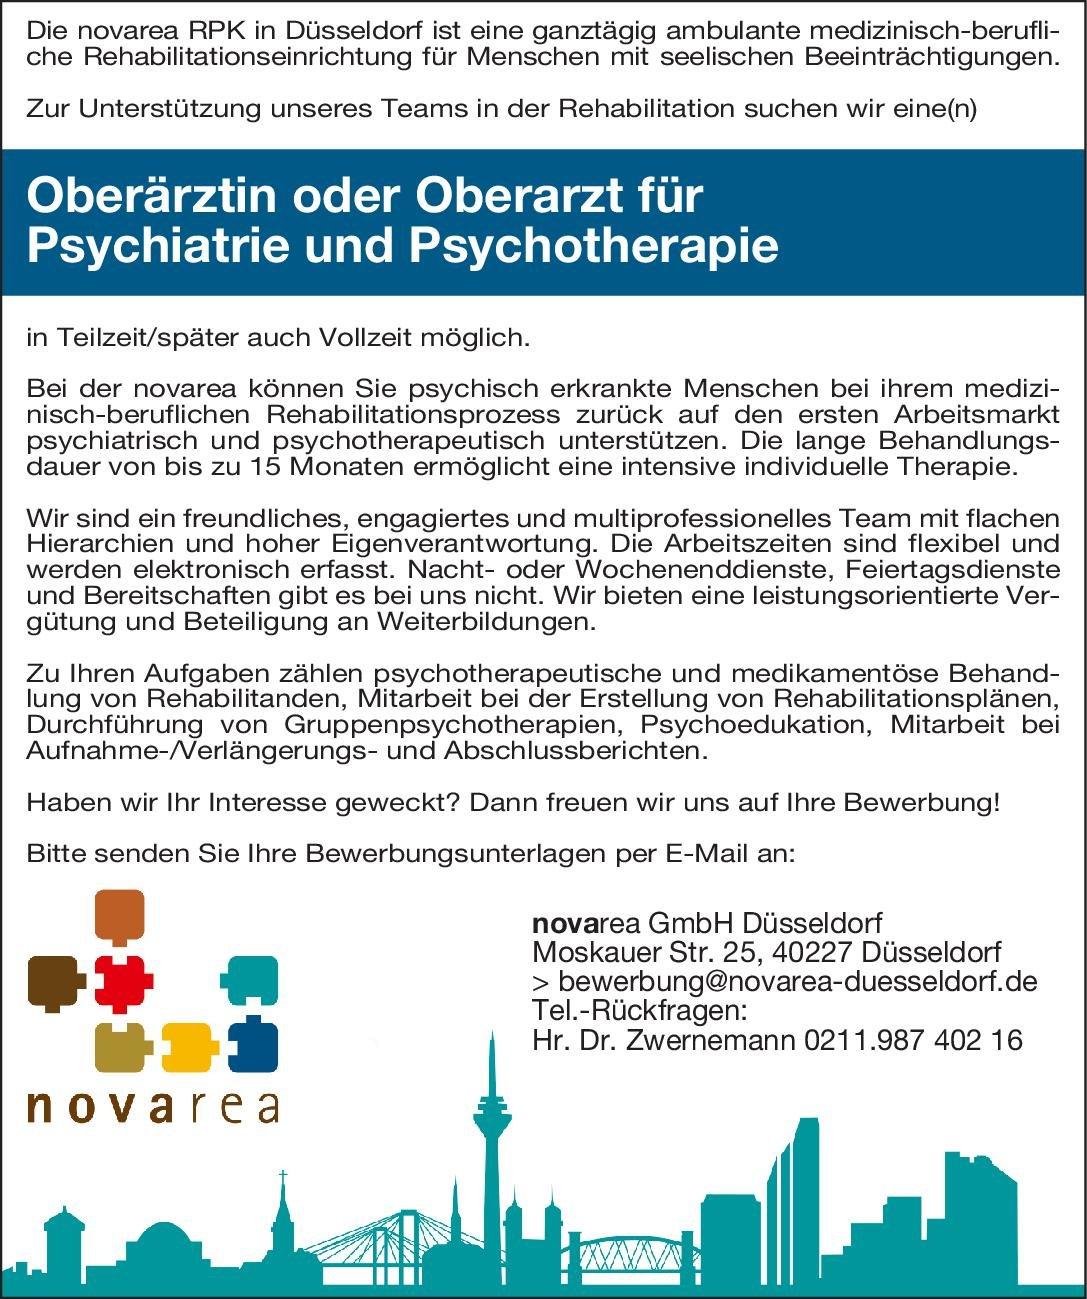 novarea GmbH Düsseldorf Oberärztin oder Oberarzt für Psychiatrie und Psychotherapie  Psychiatrie und Psychotherapie, Psychiatrie und Psychotherapie Oberarzt